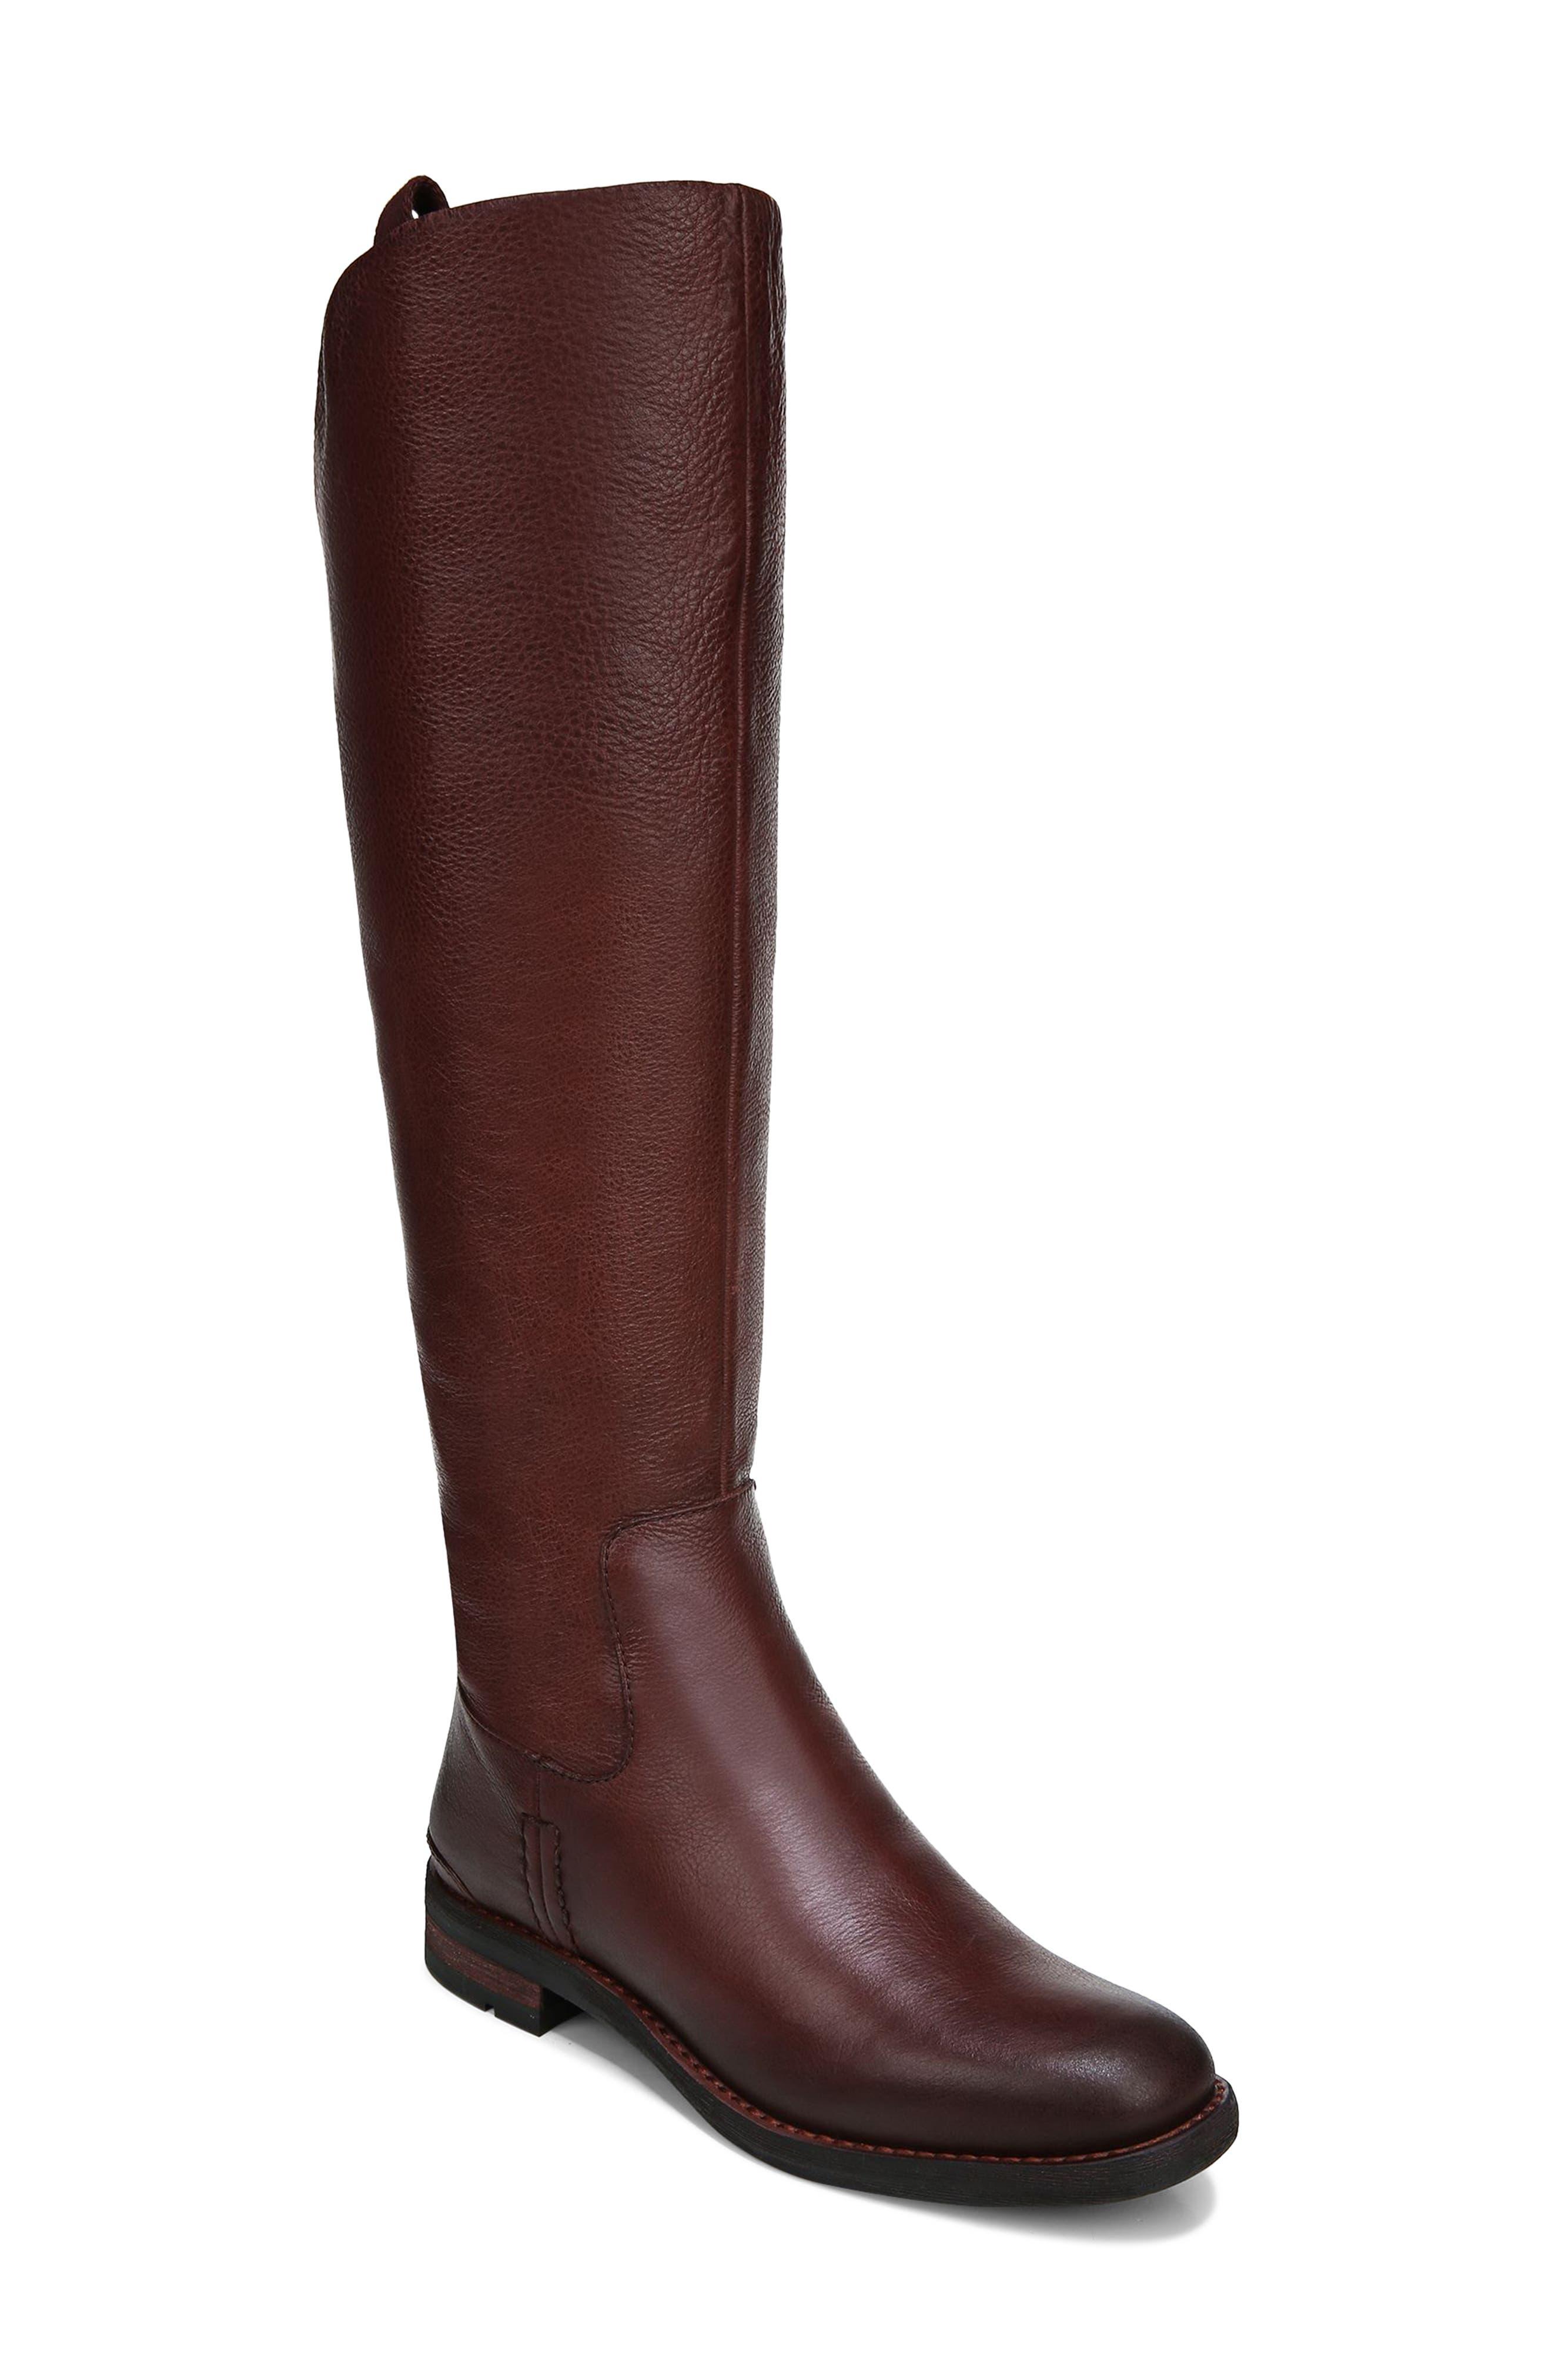 Image of Franco Sarto Meyer Knee High Boot